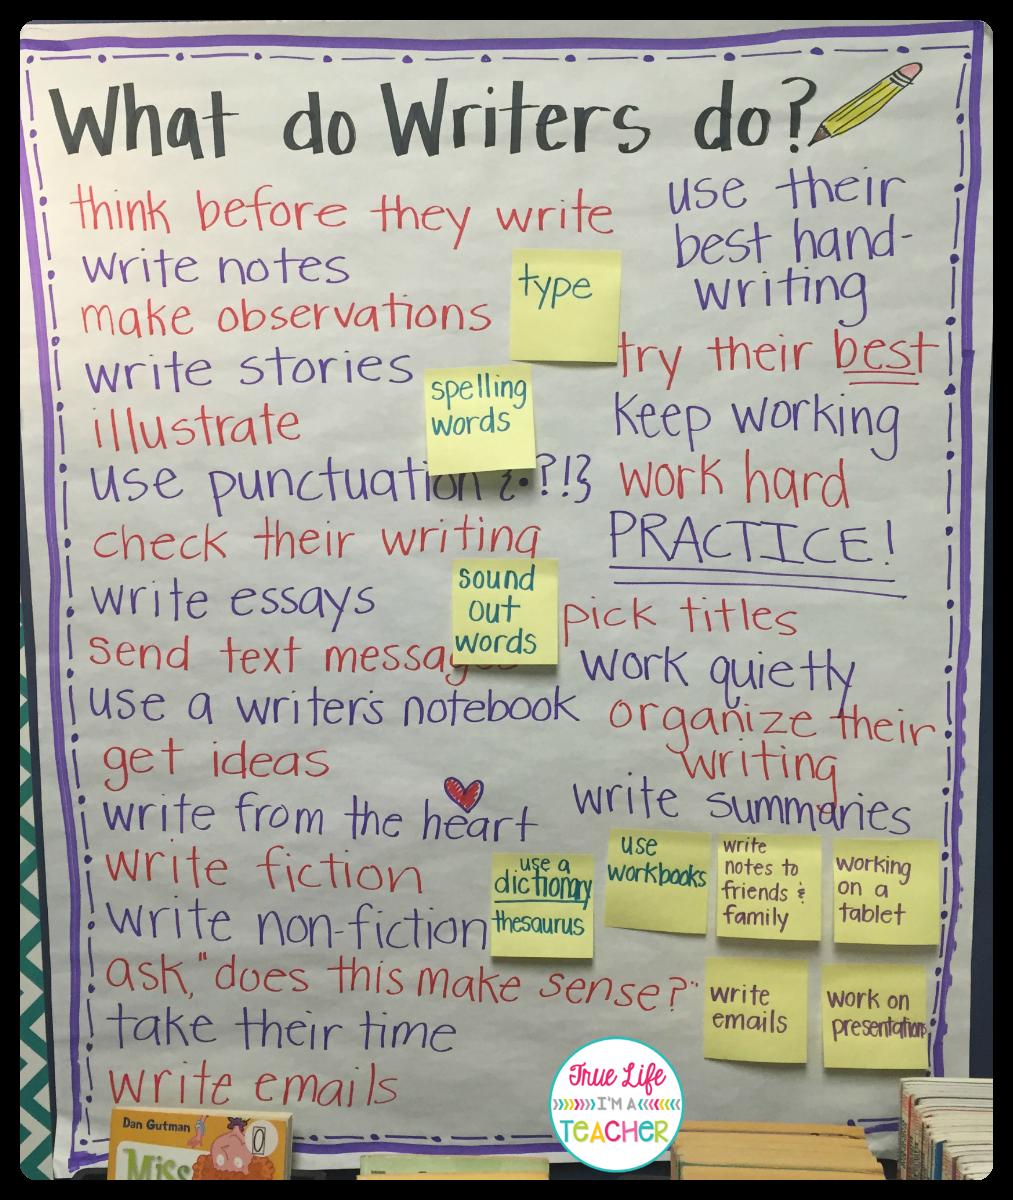 Iowa Writers' Workshop